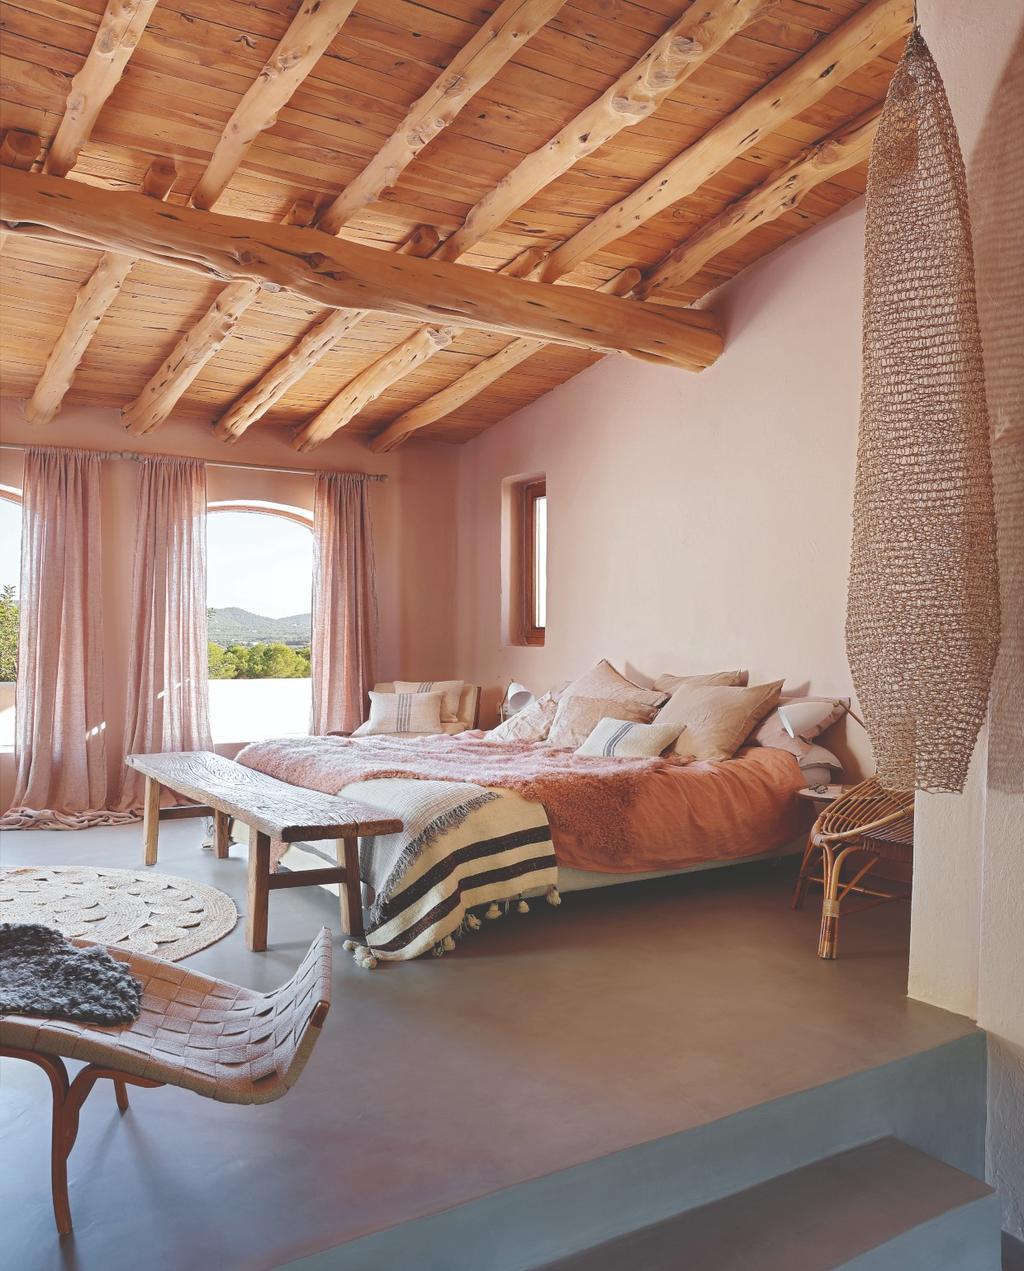 vtwonen 07-2020 binnenkijken ibiza slaapkamer met originele houten balken